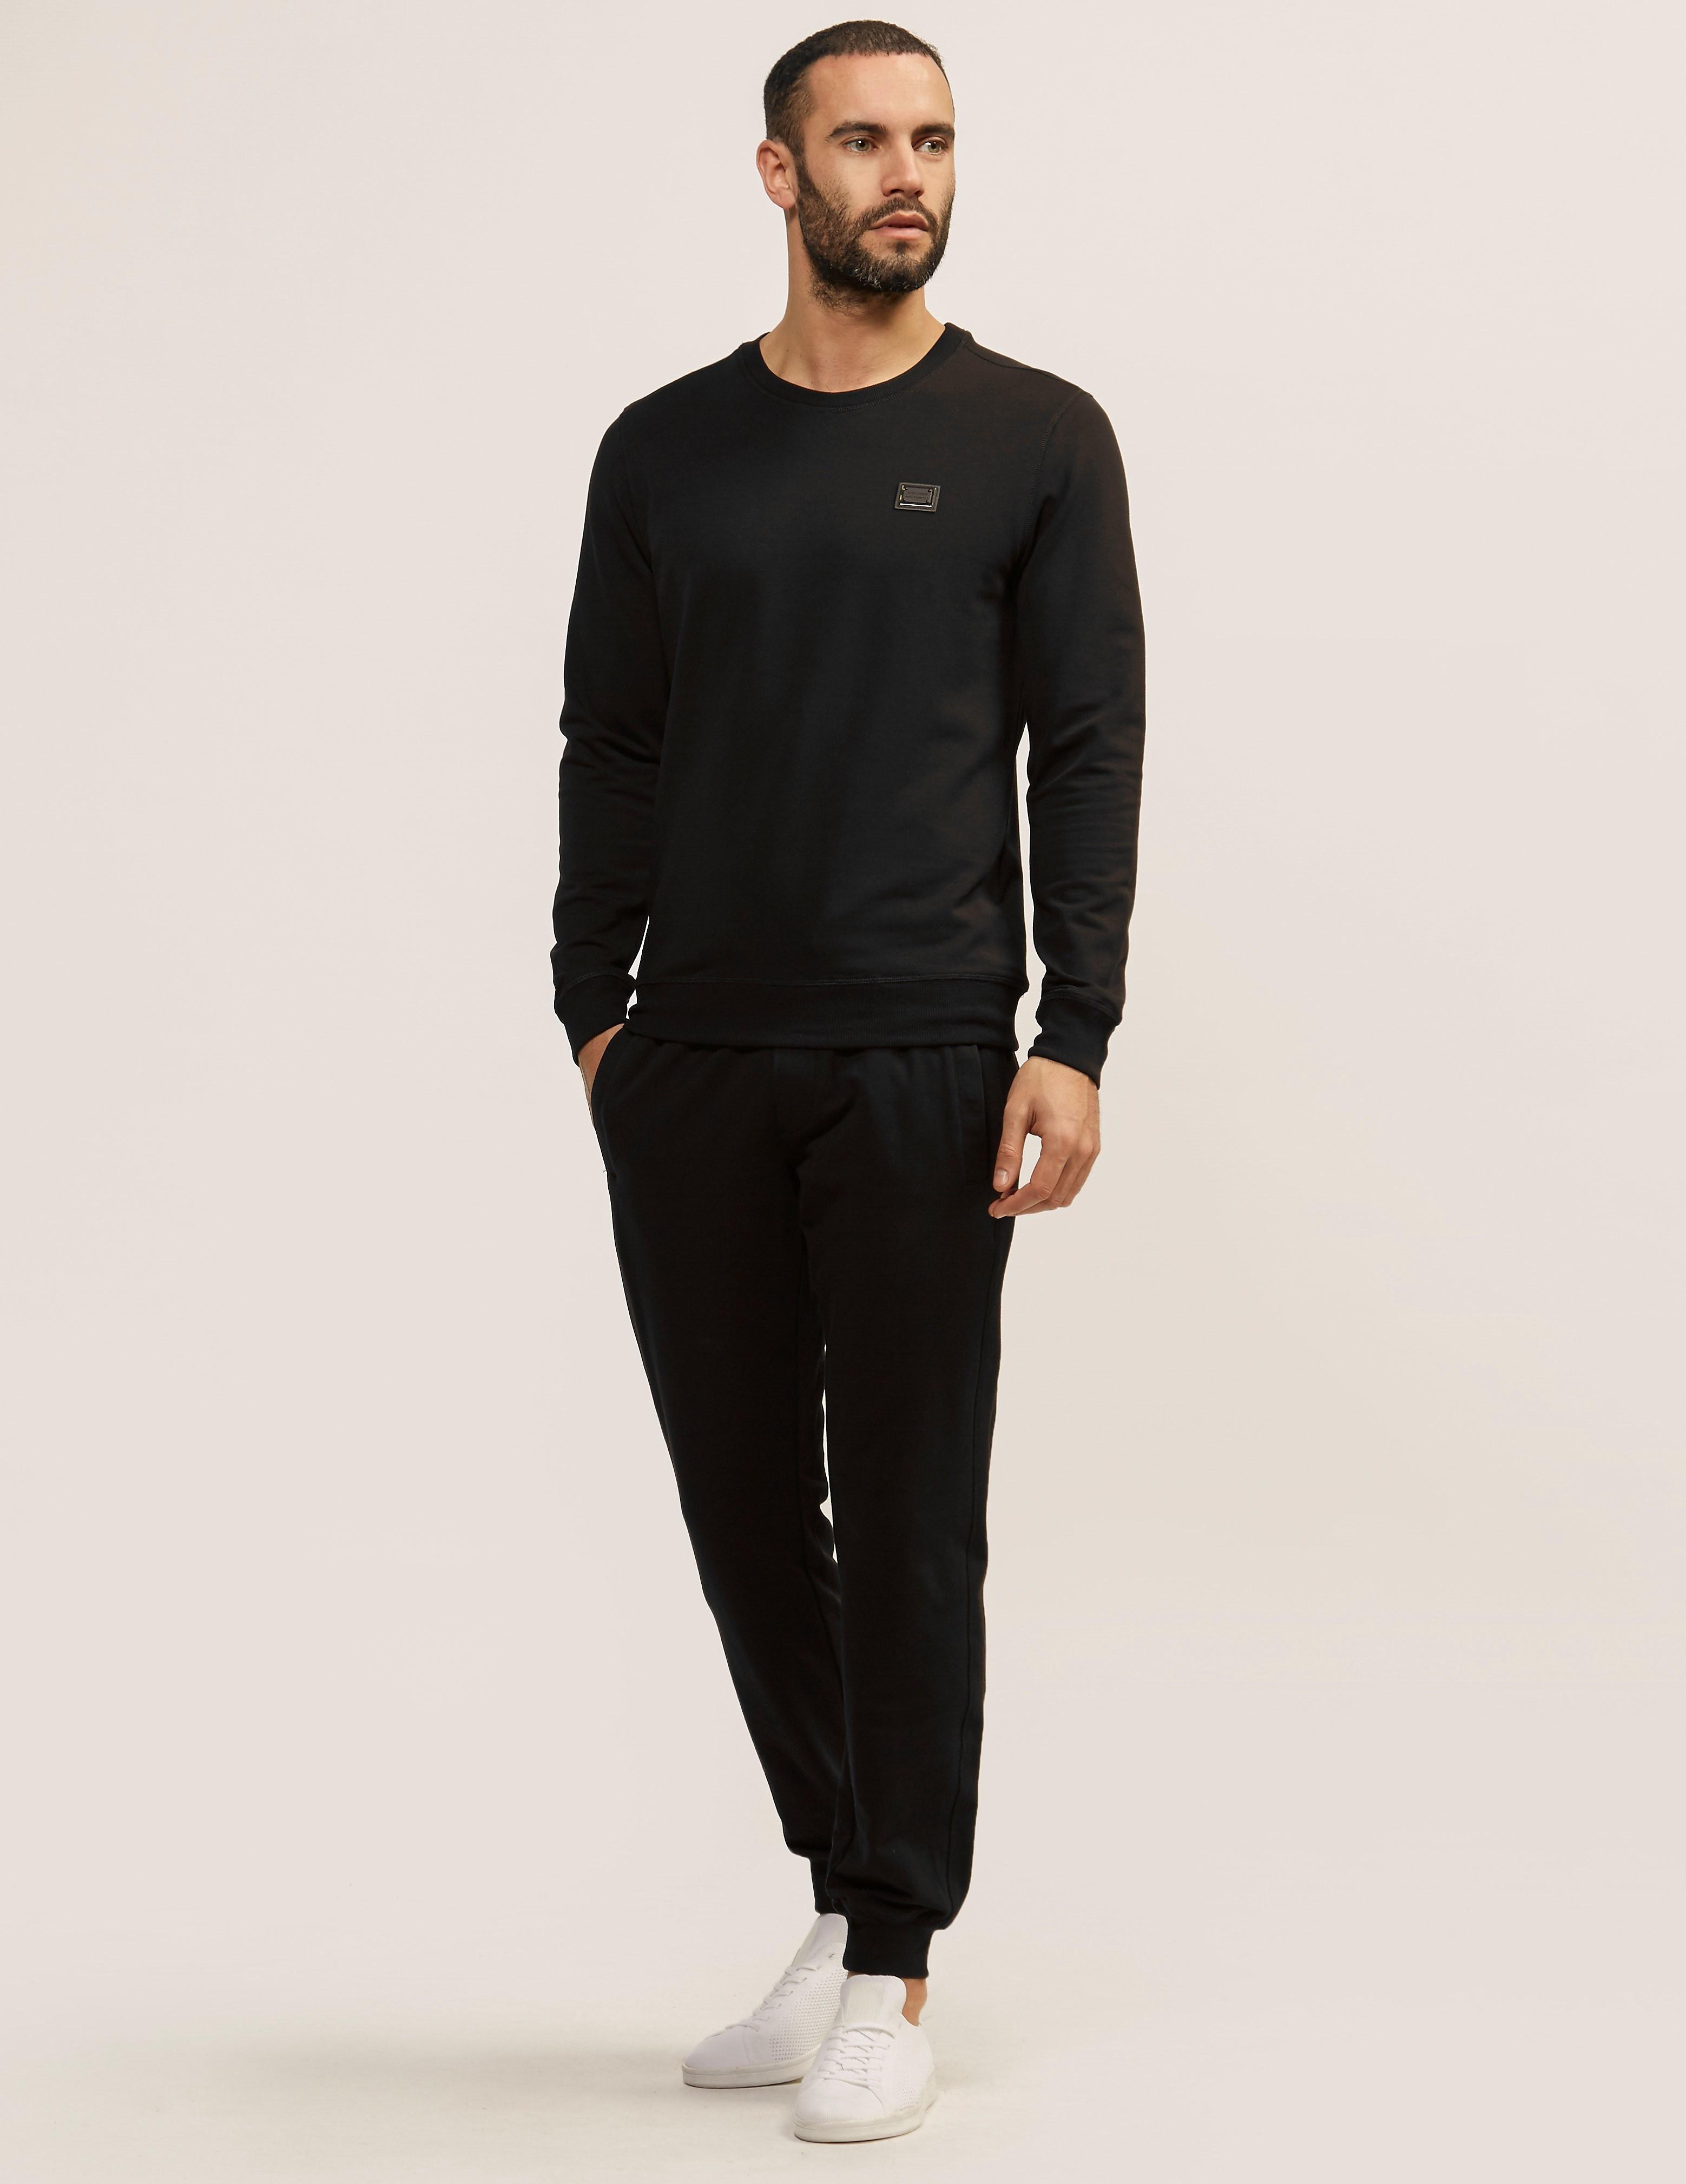 Antony Morato Plaque Crew Neck Sweatshirt